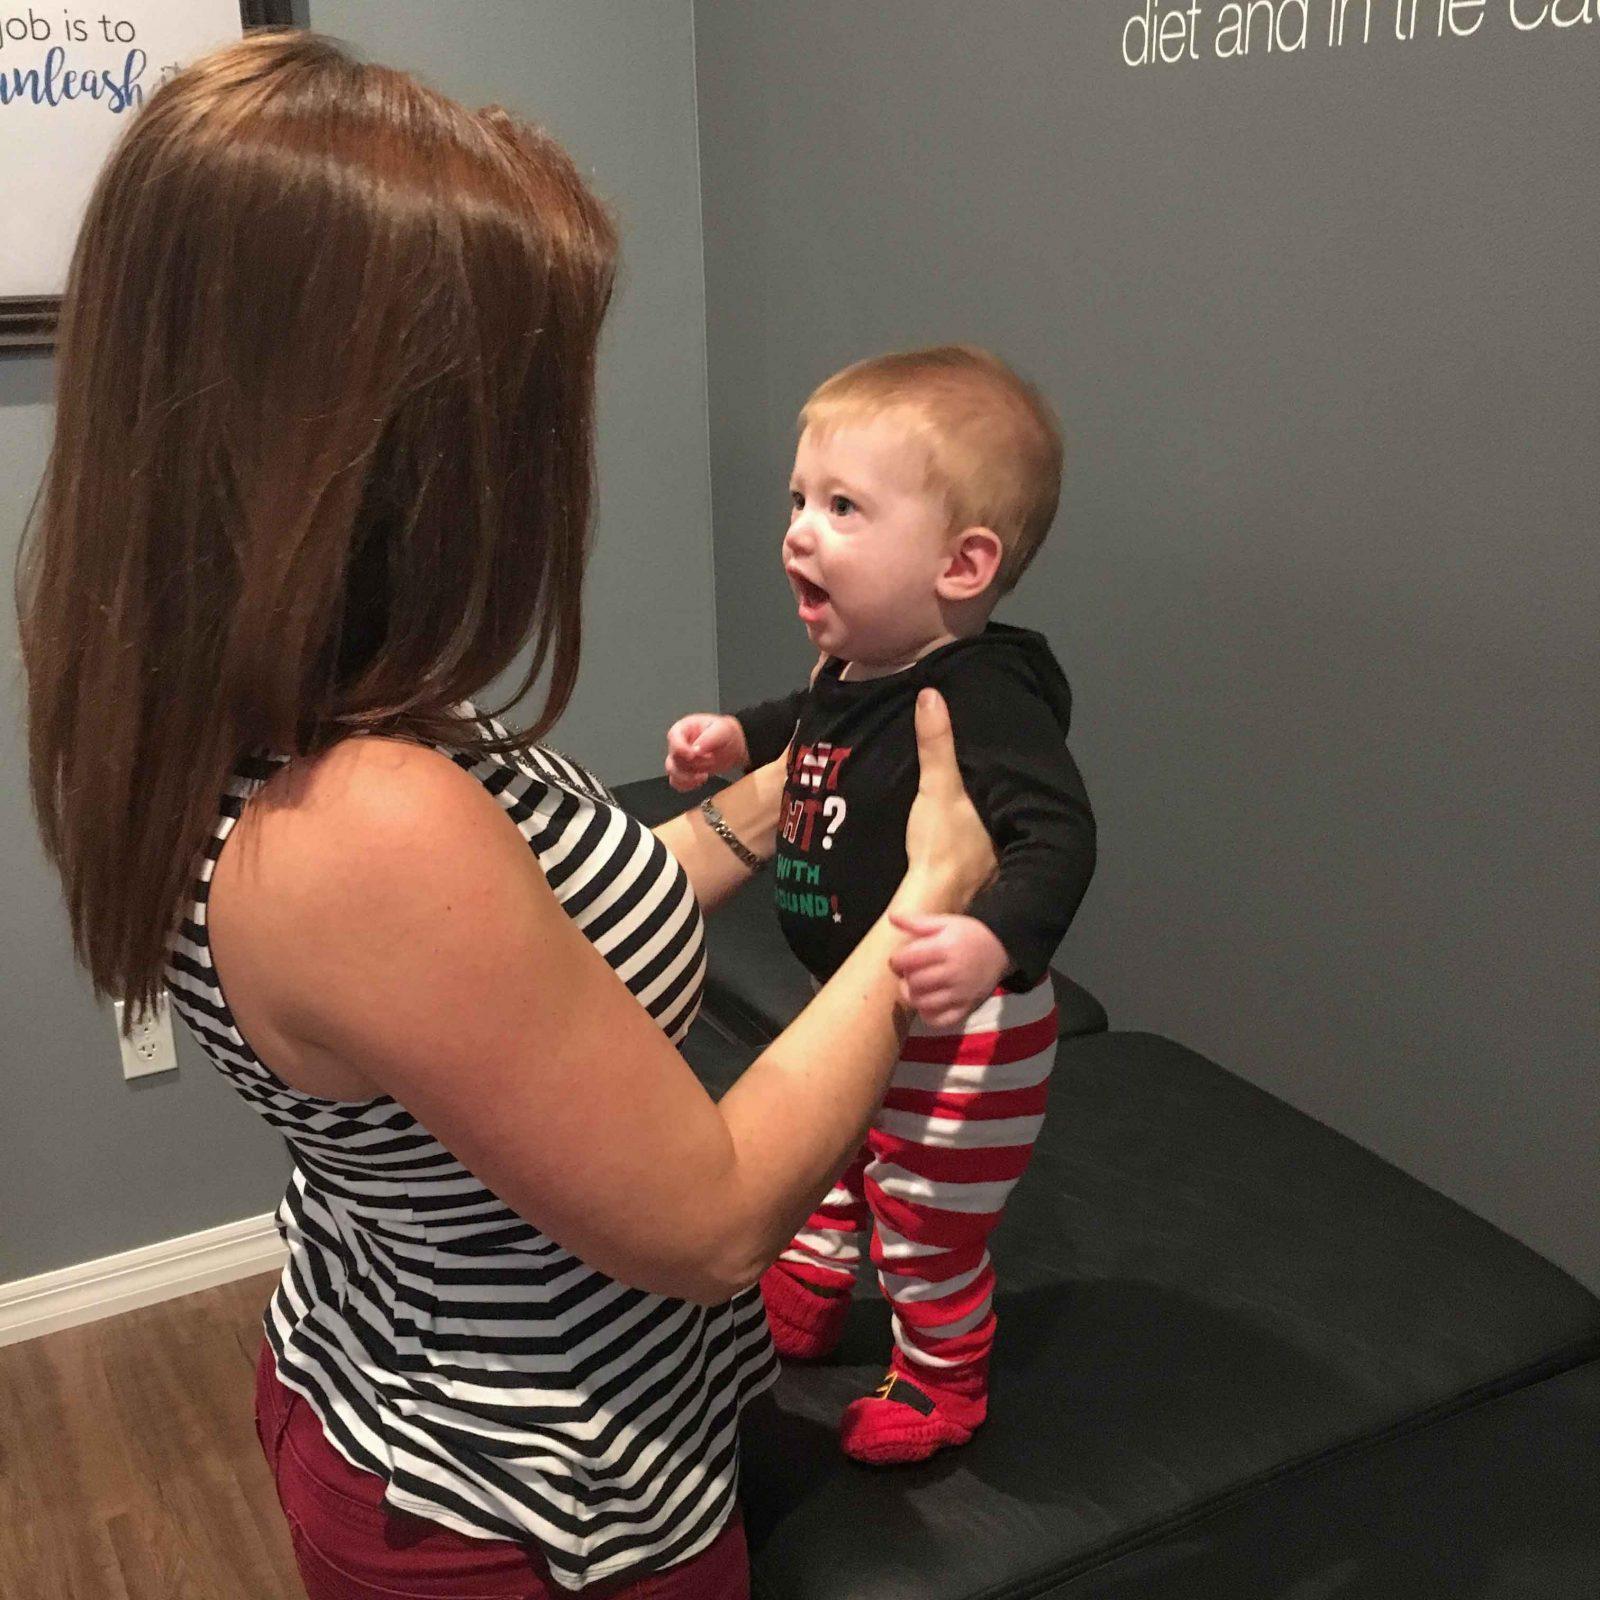 Chiropractic Helps Reflux Baby Altamonte Springs Chiropractor